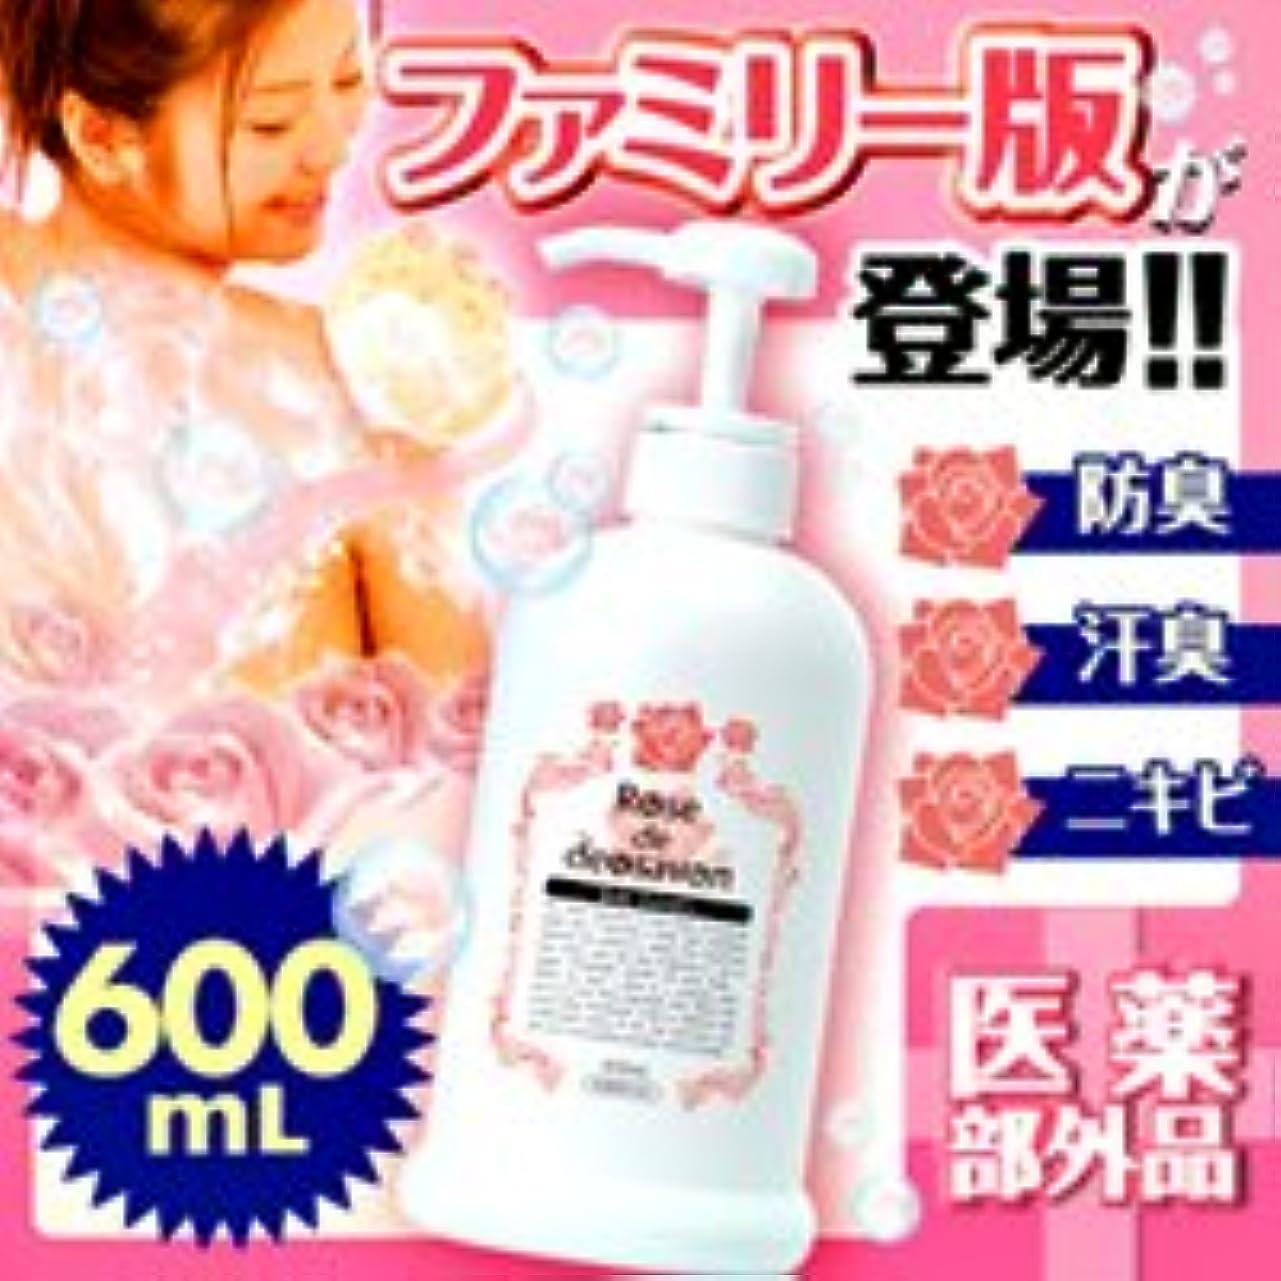 計算突き出す出版ローズドデオシャボン 増量版600ml ※体臭や加齢臭対策に大人気!ファミリー版新登場です!